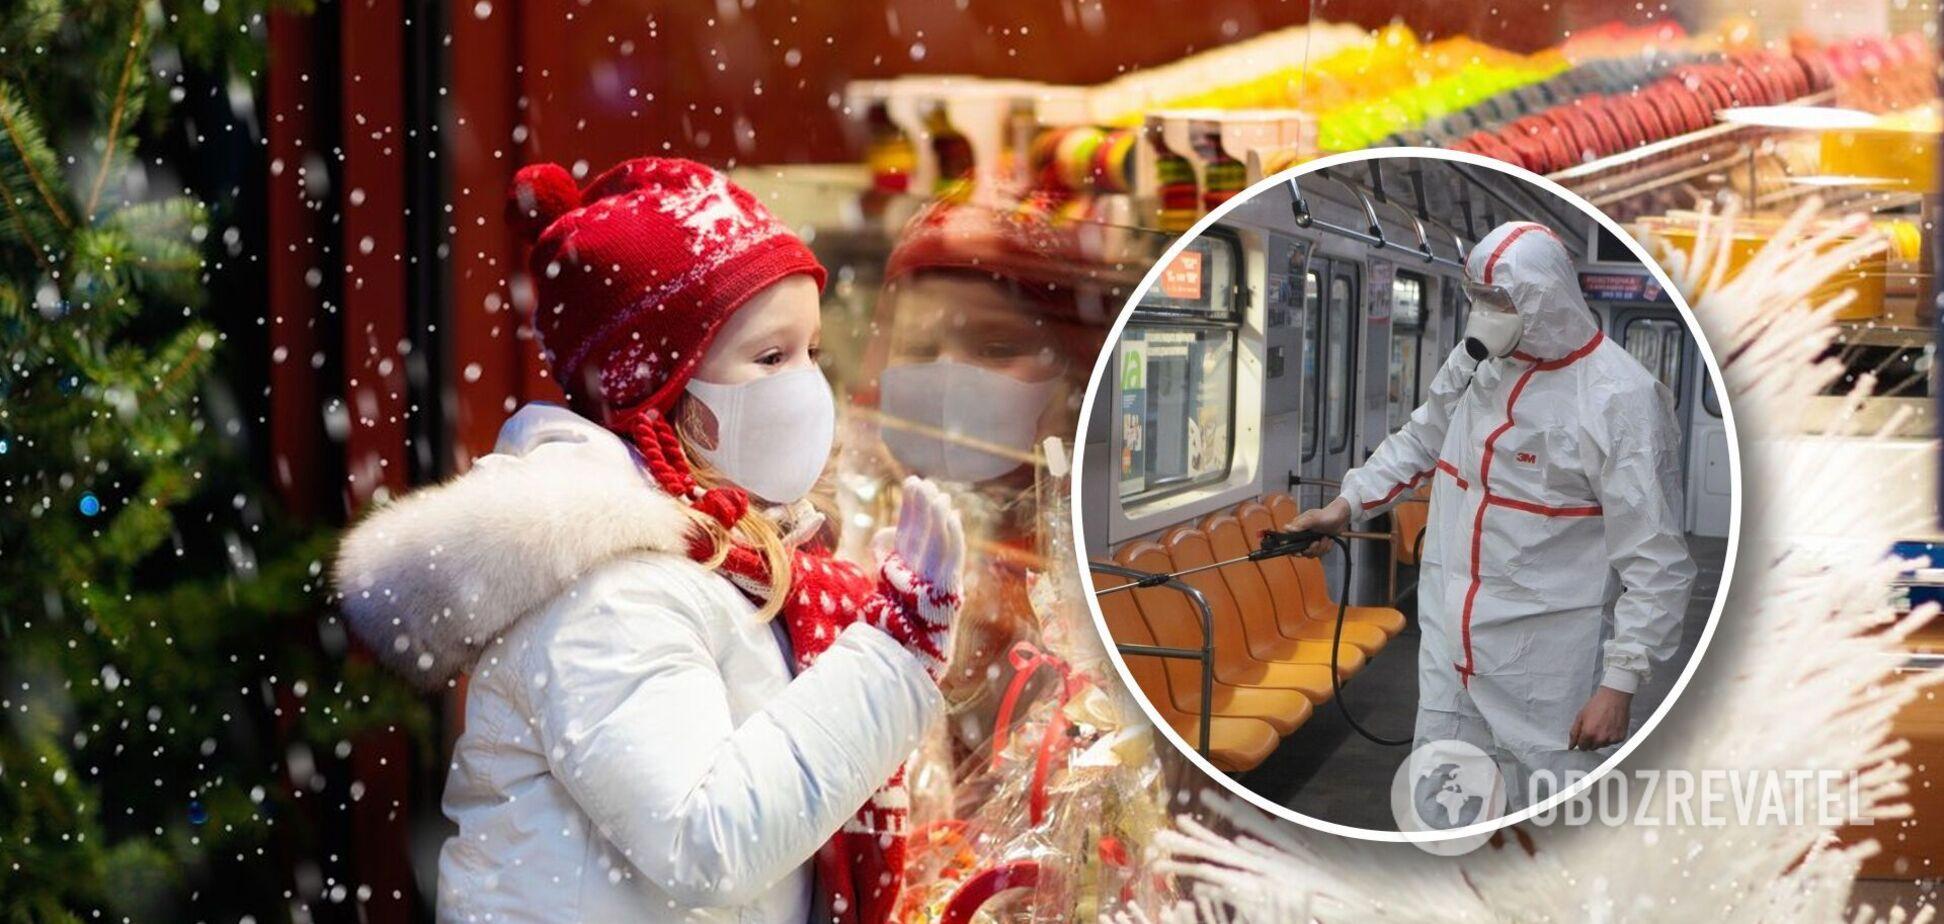 Локдаун в Україні потрібен уже зараз, а після Нового року його варто повторити, – інфекціоніст